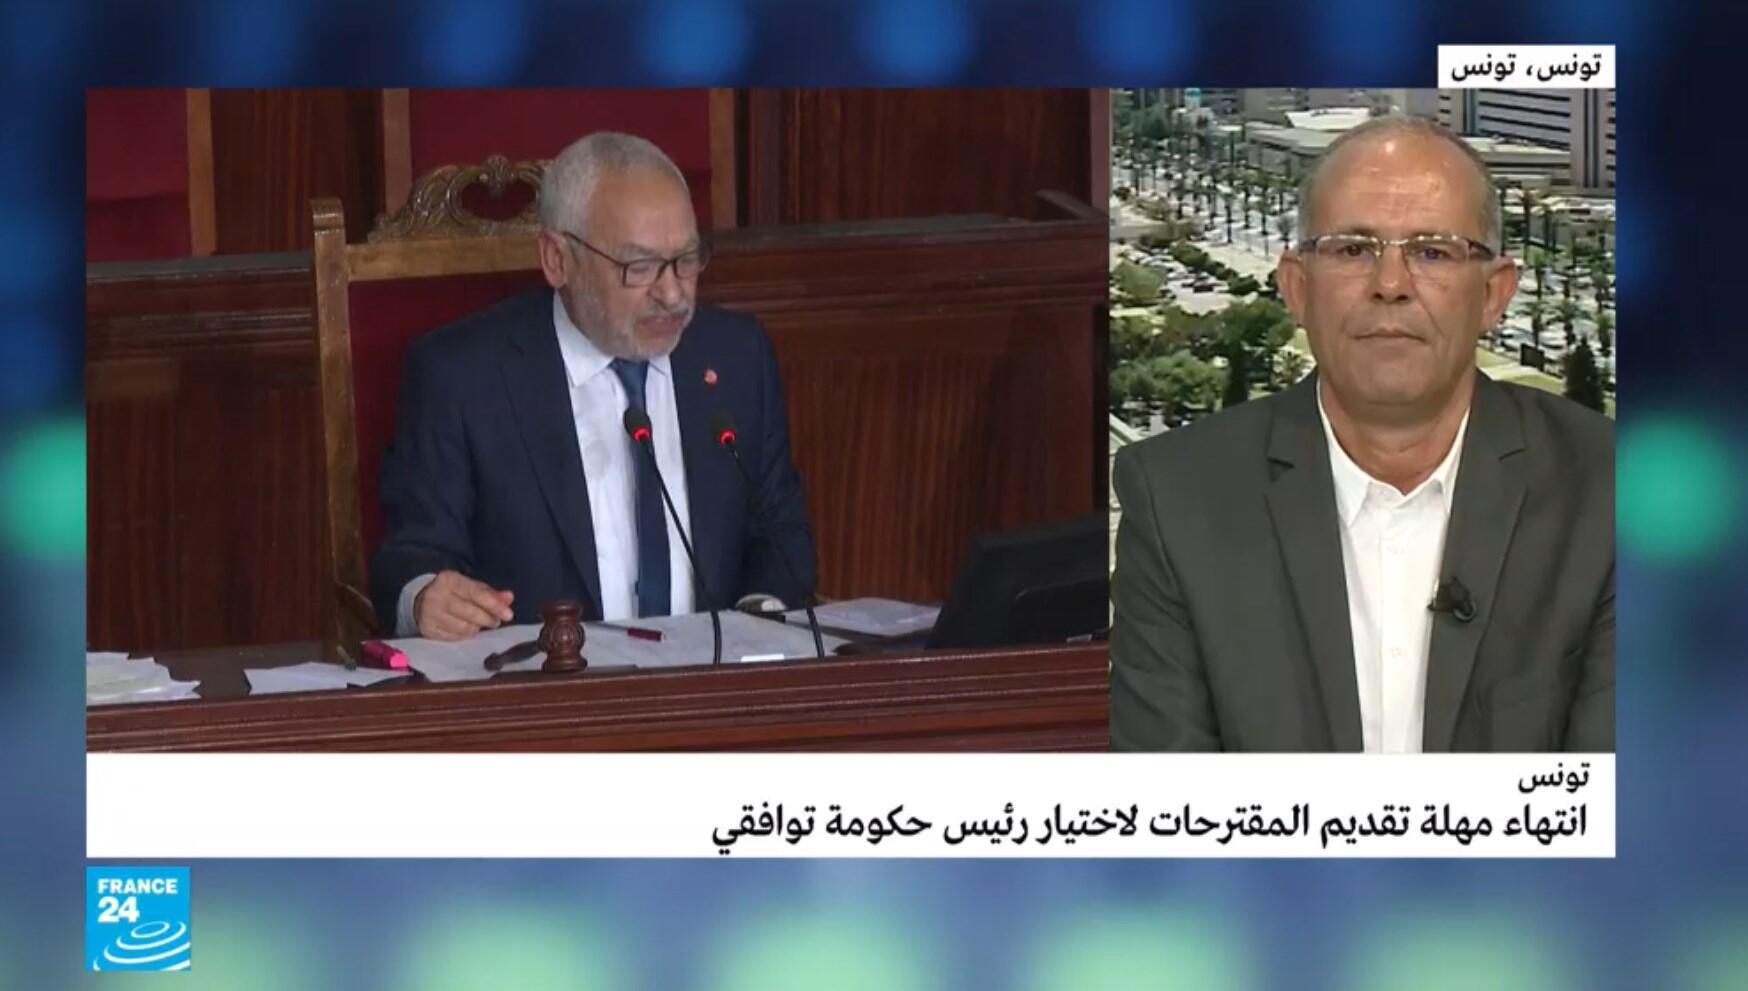 مراسل فرانس24 في تونس نورالدين مباركي